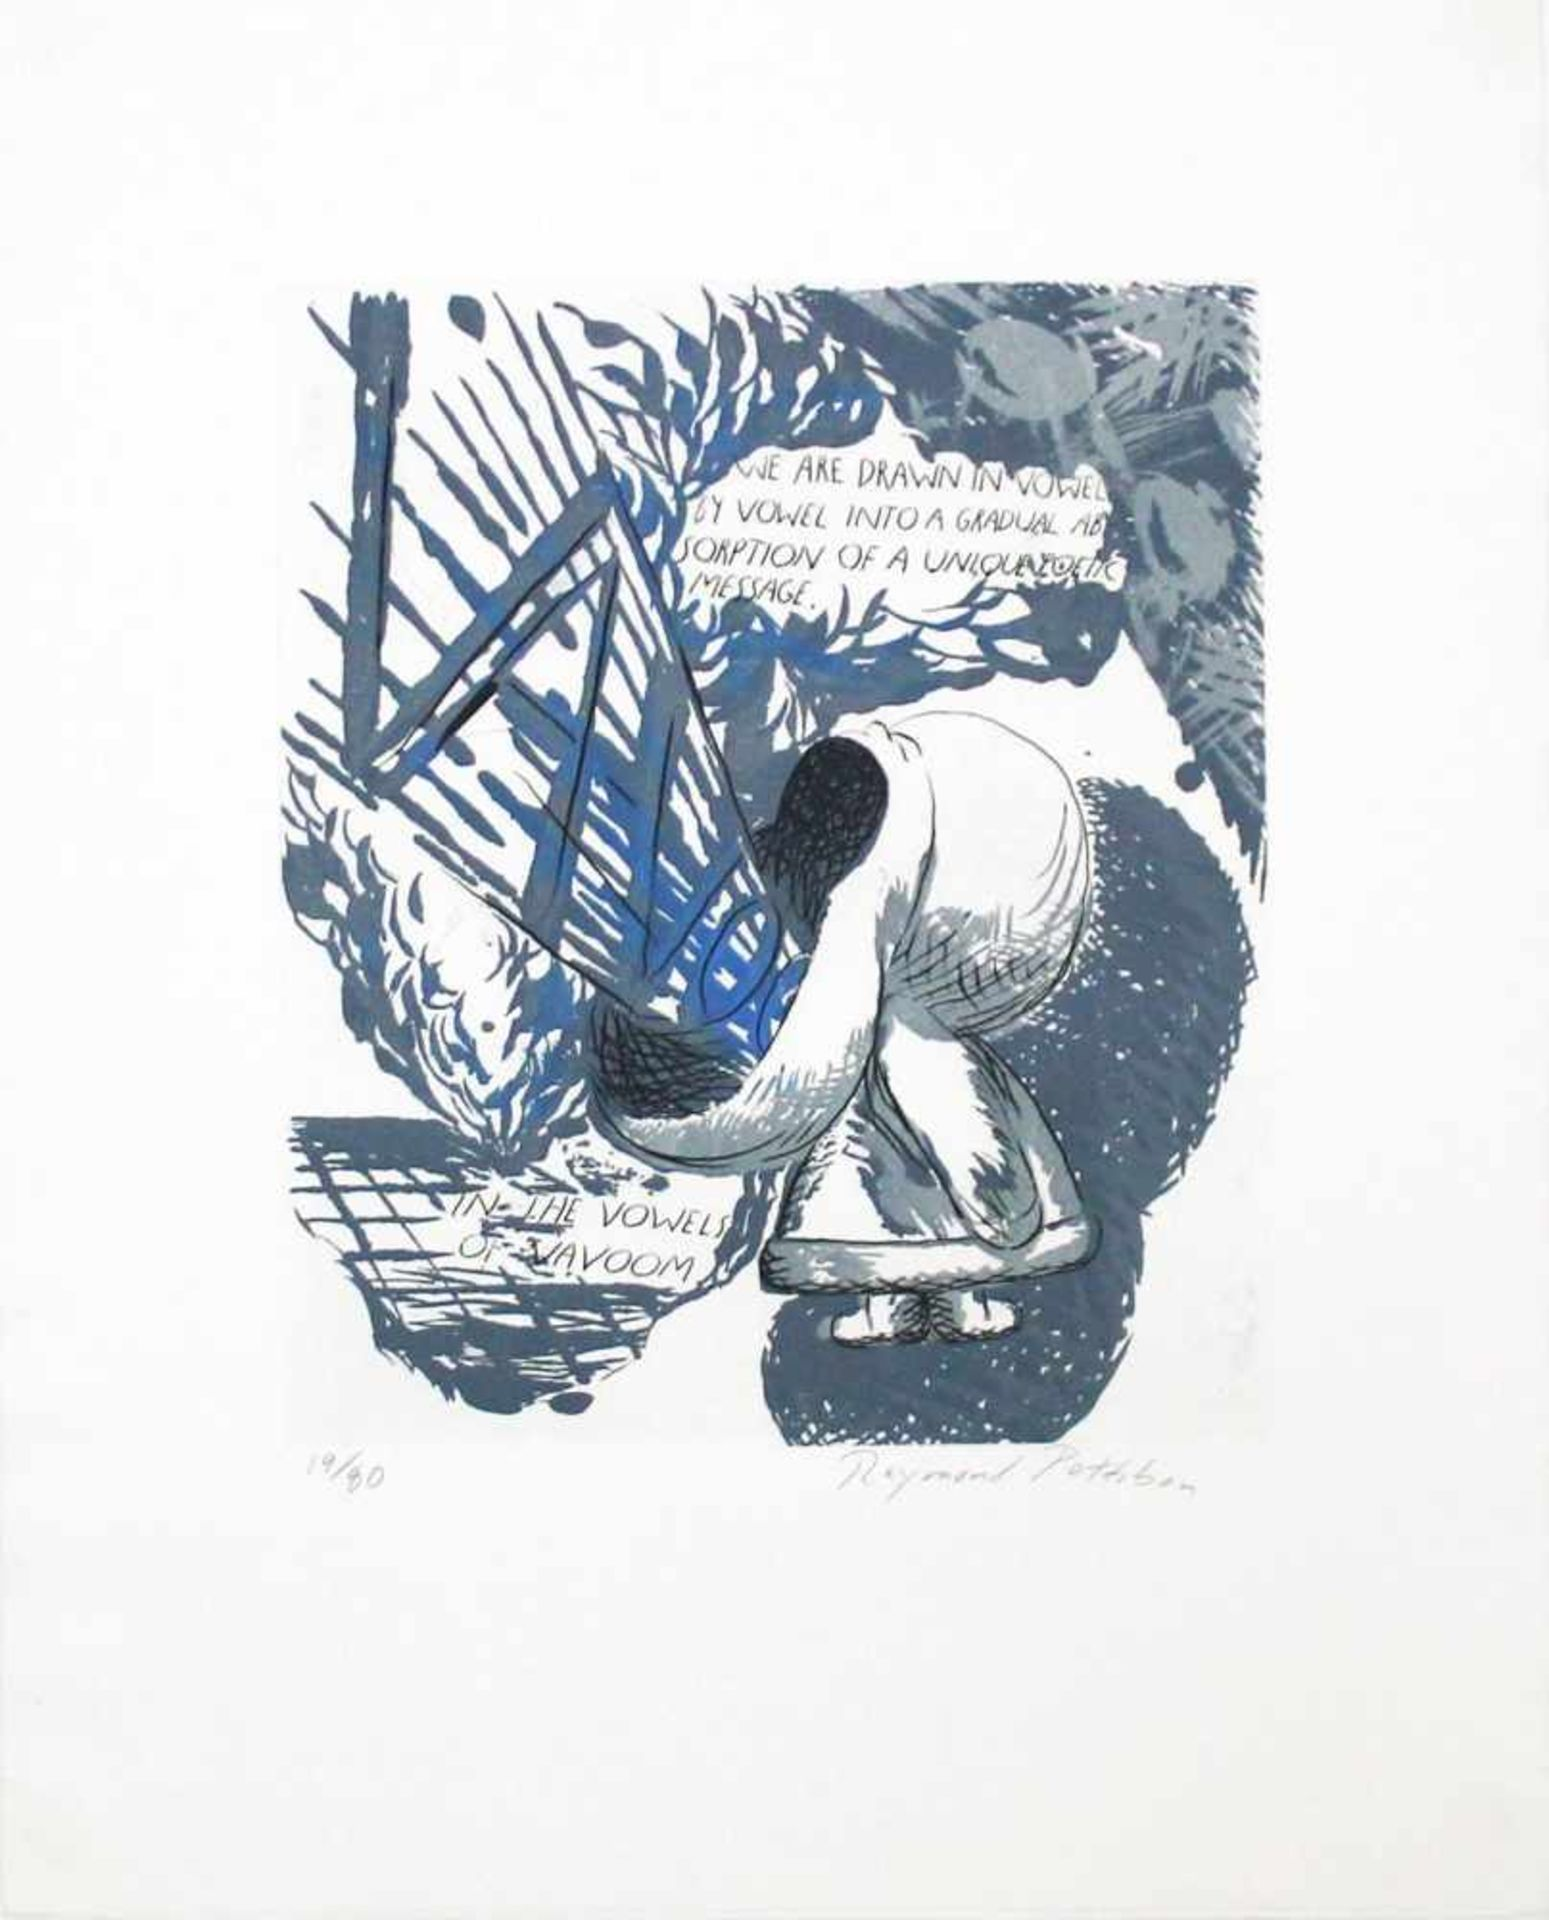 Raymond Pettibon geb. 1957 We are drawn in the vowel … 1992 Radierung, Zuckertusch und Aquatinta auf